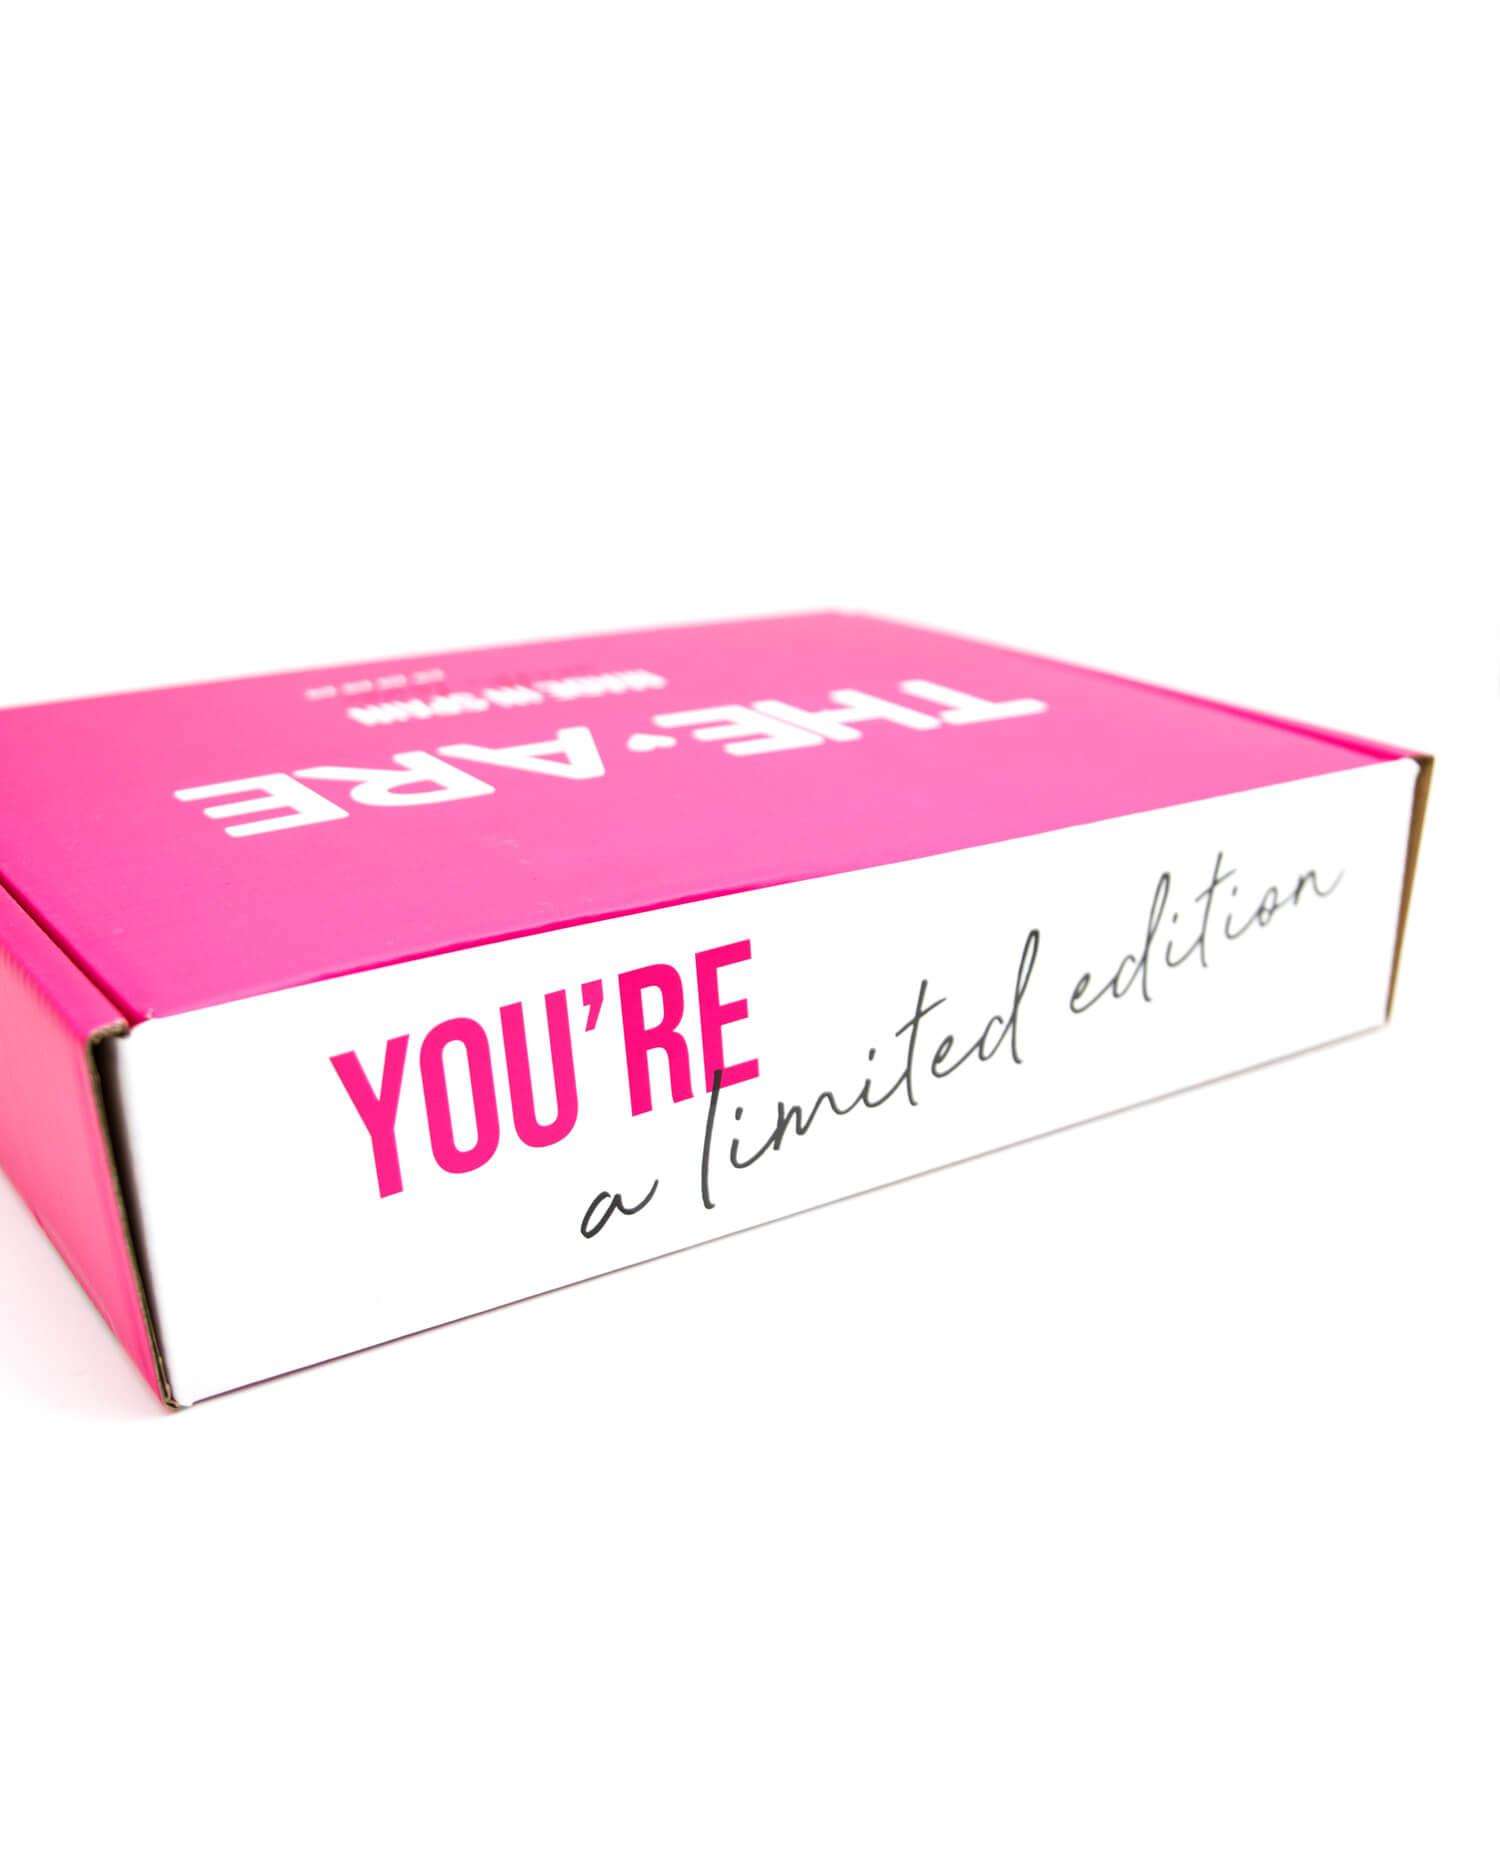 una caja rosa y blanca con una frase impresa